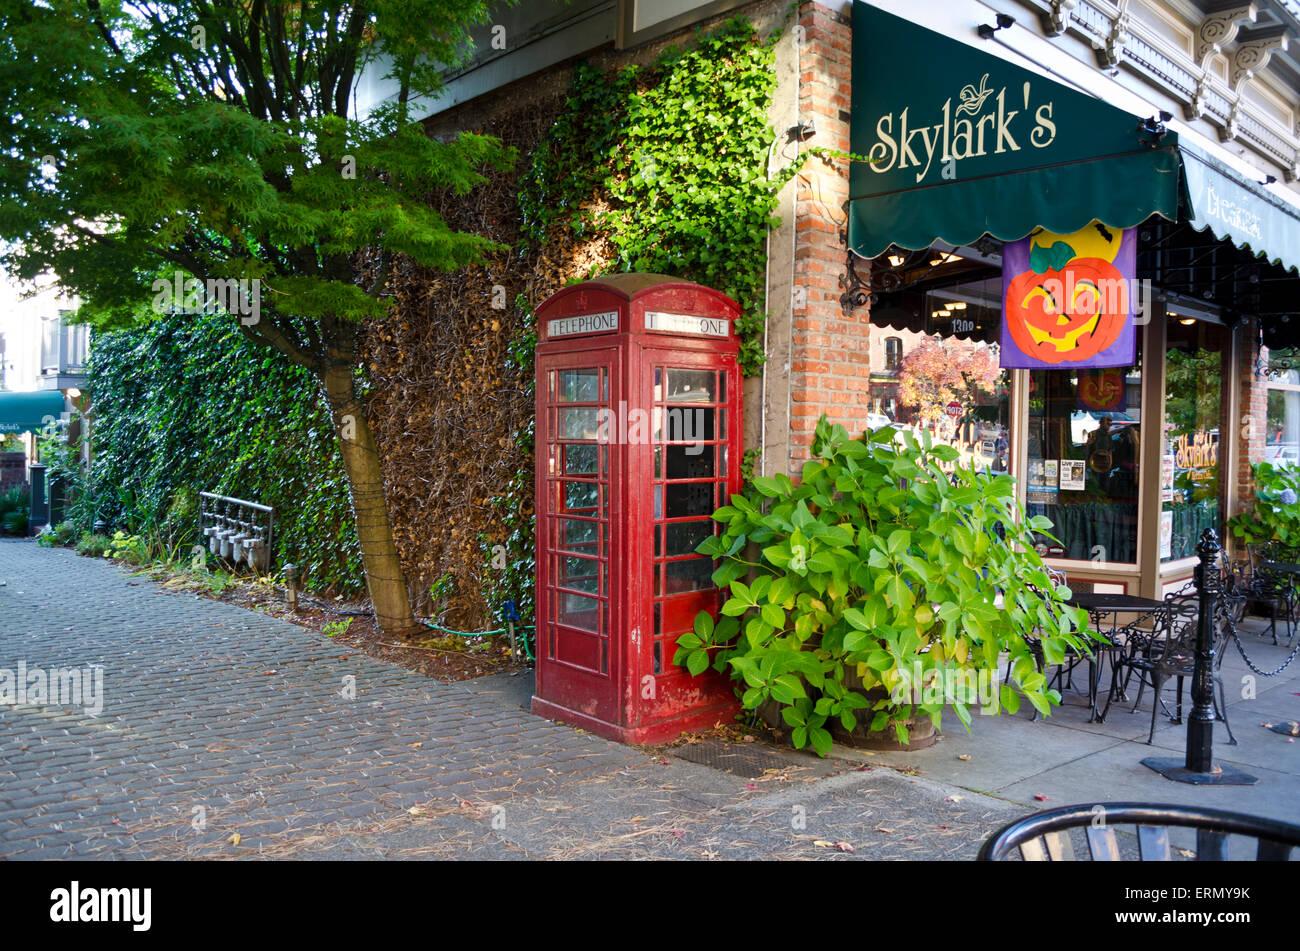 Esquina del edificio por Skylark's Restaurant en el centro de Fairhaven, Bellingham, Washington, EE.UU. Rojo Imagen De Stock